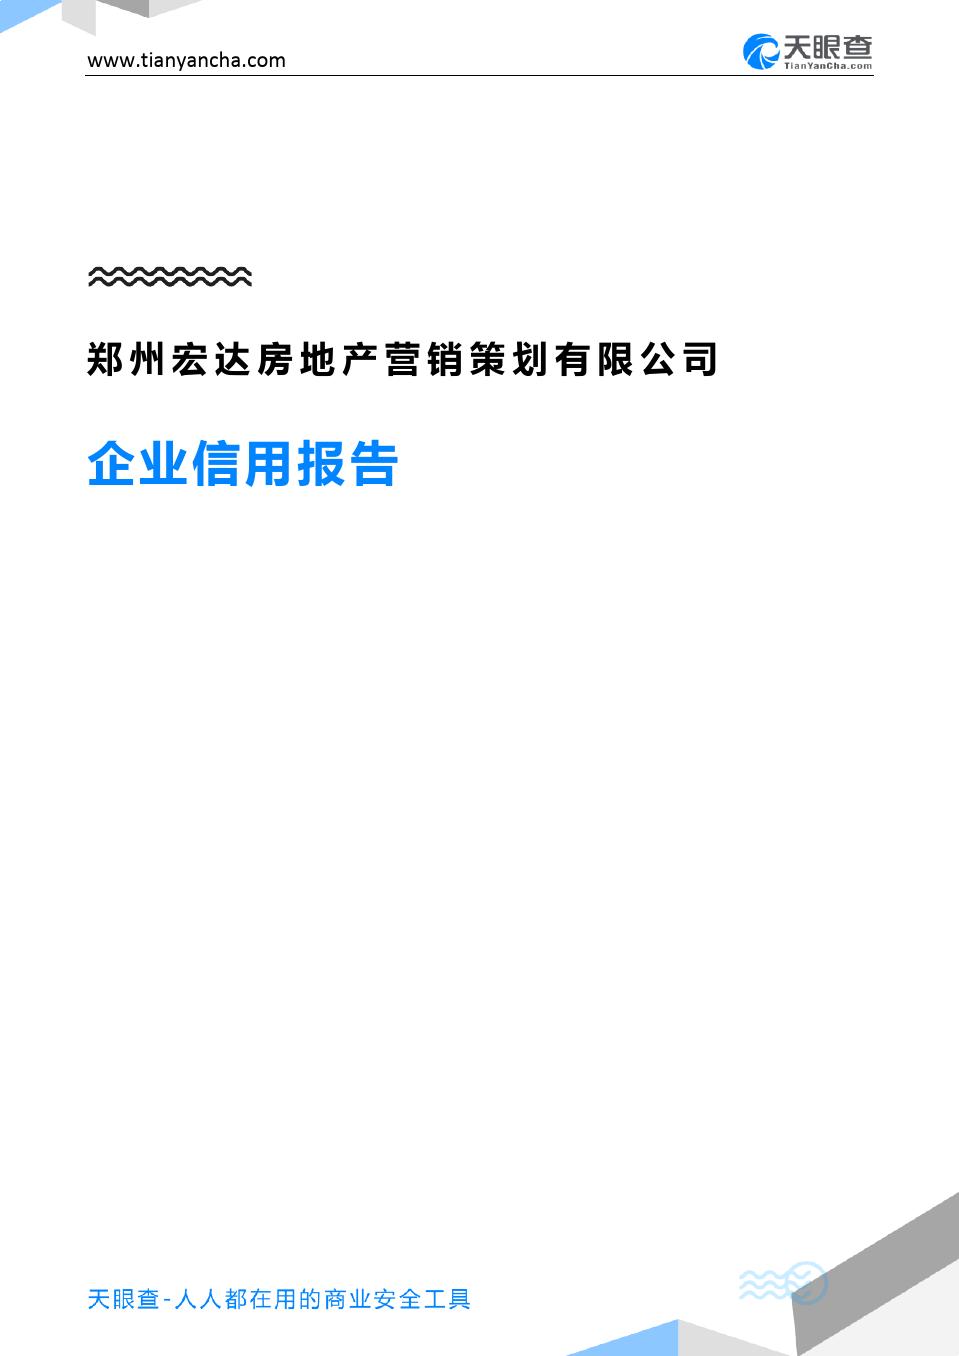 郑州宏达房地产营销策划有限公司(企业信用报告)- 天眼查